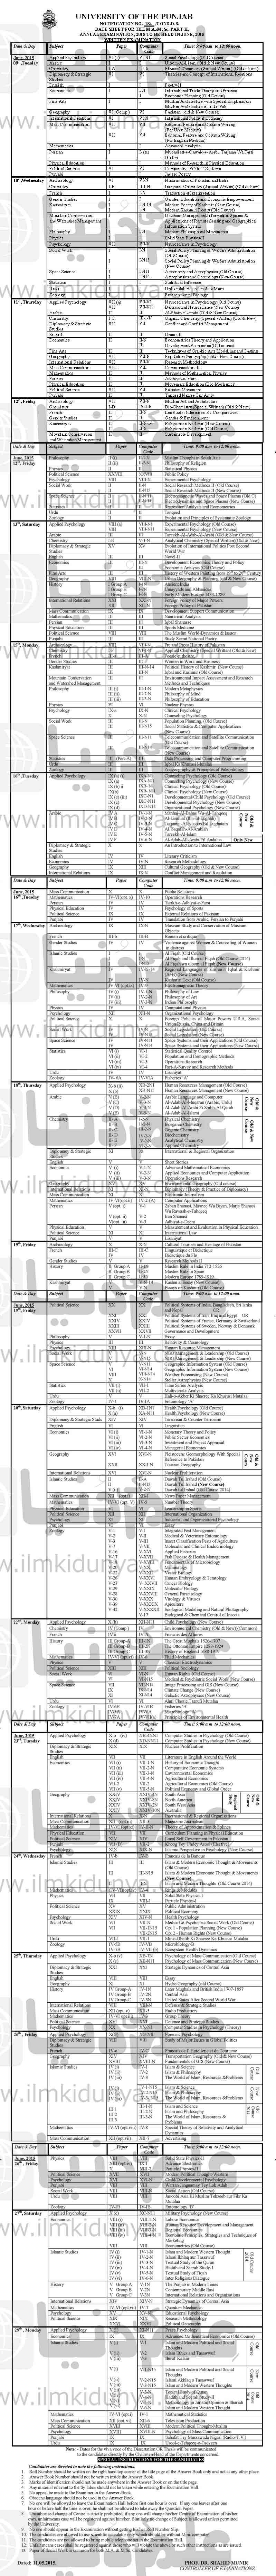 Punjab University PU Lahore MA MSc Date Sheet 2019 Part 1, 2